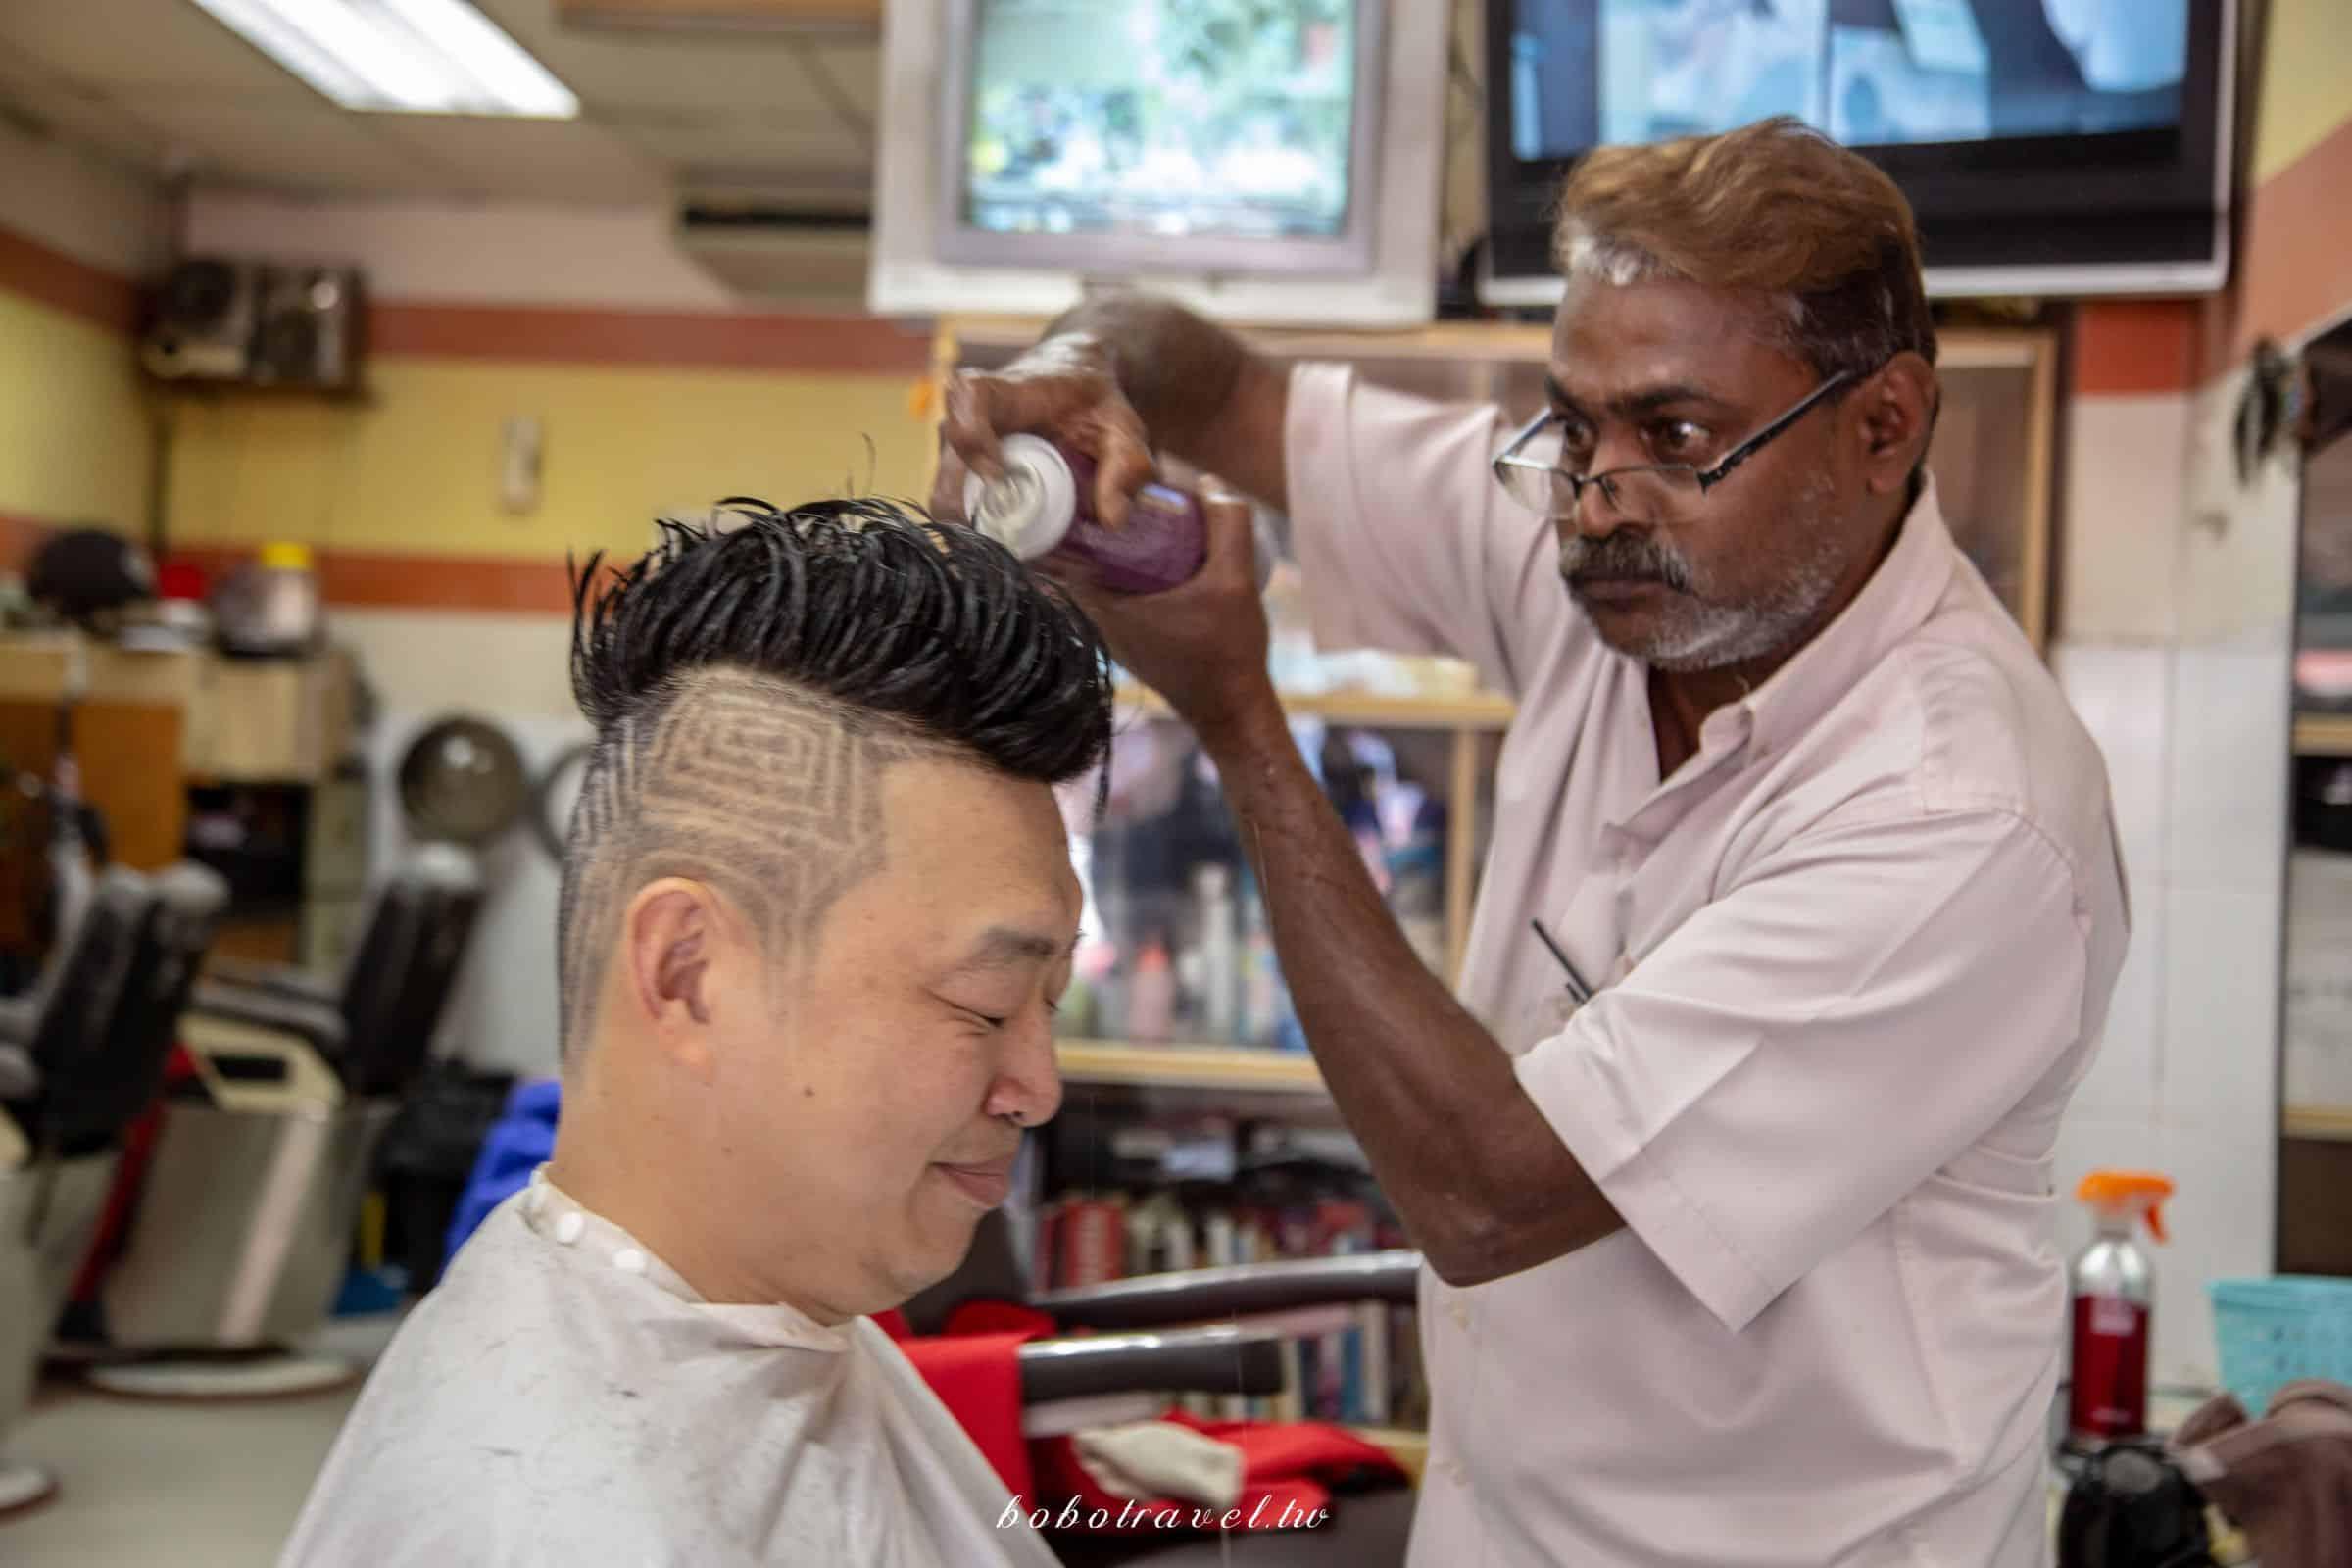 馬來西亞、吉隆坡|印度式理髮瘋狂挑戰!揭秘印度理髮真相,比想像中還厲害的超值享受